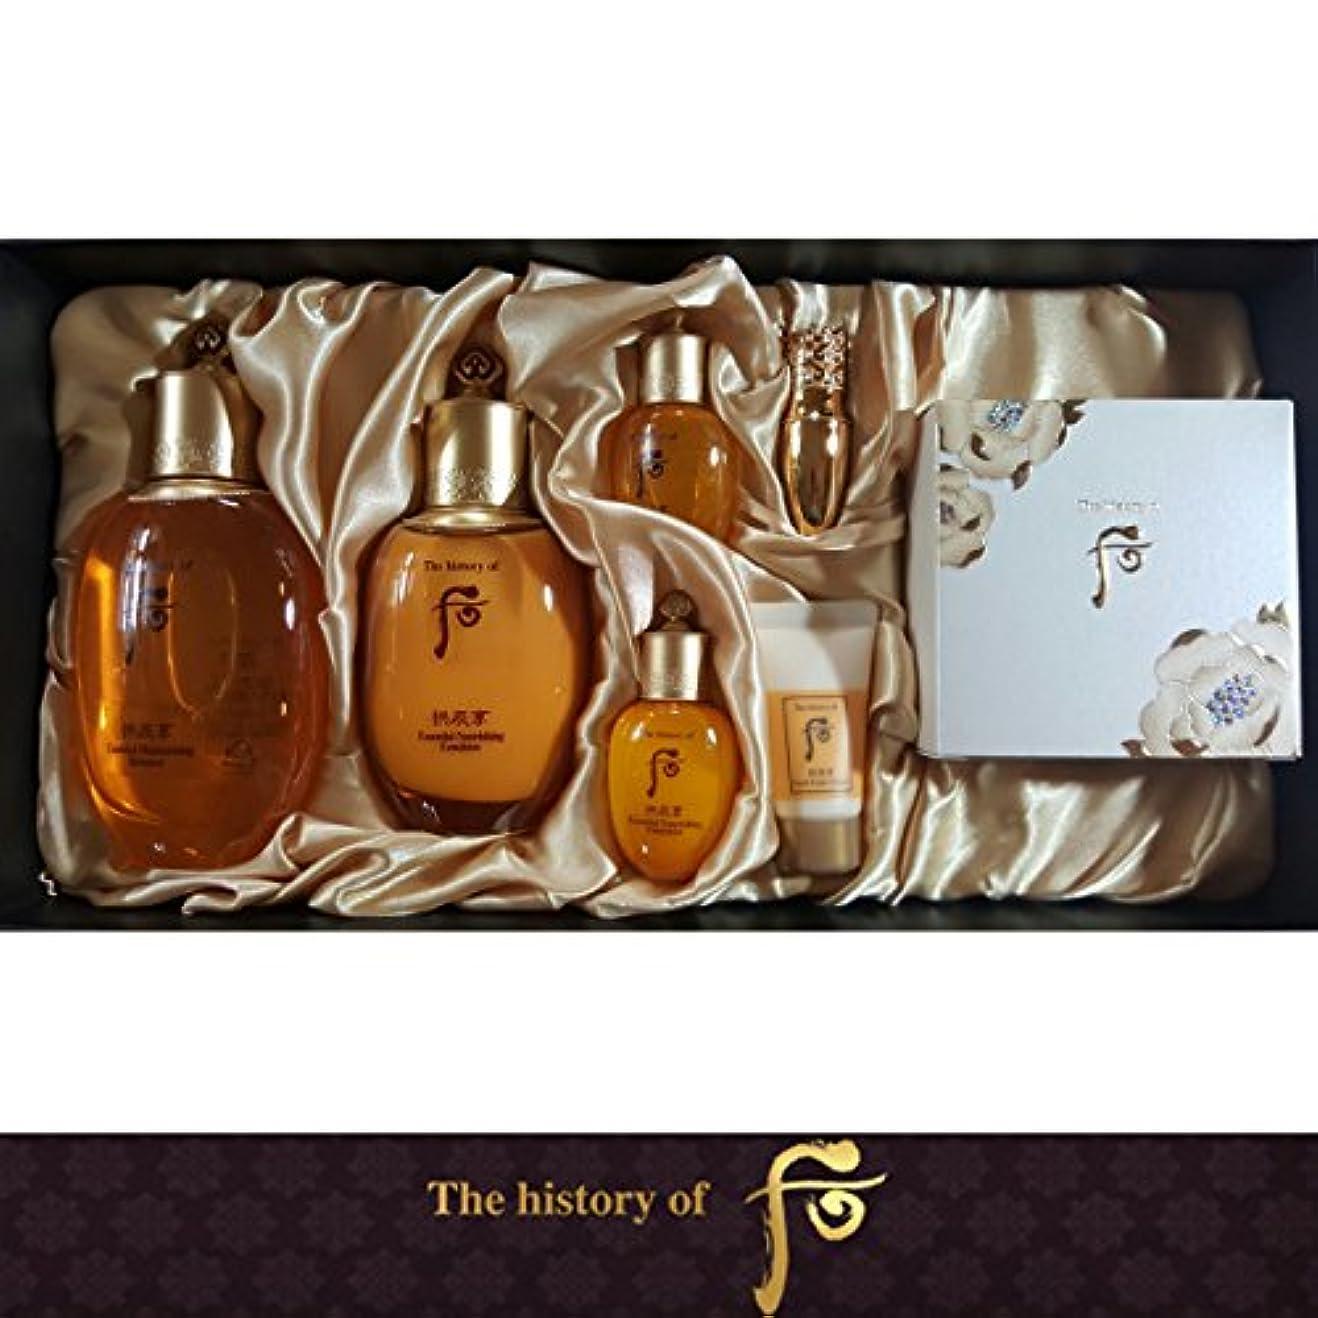 陰気リンス読書[The History Of Whoo] Whoo 后(フー) Gongjinhyang Royal Court Inyang 3EA ゴンジンヒャン Special Set/宮廷セット 引き揚げ 3種 のスペシャル...